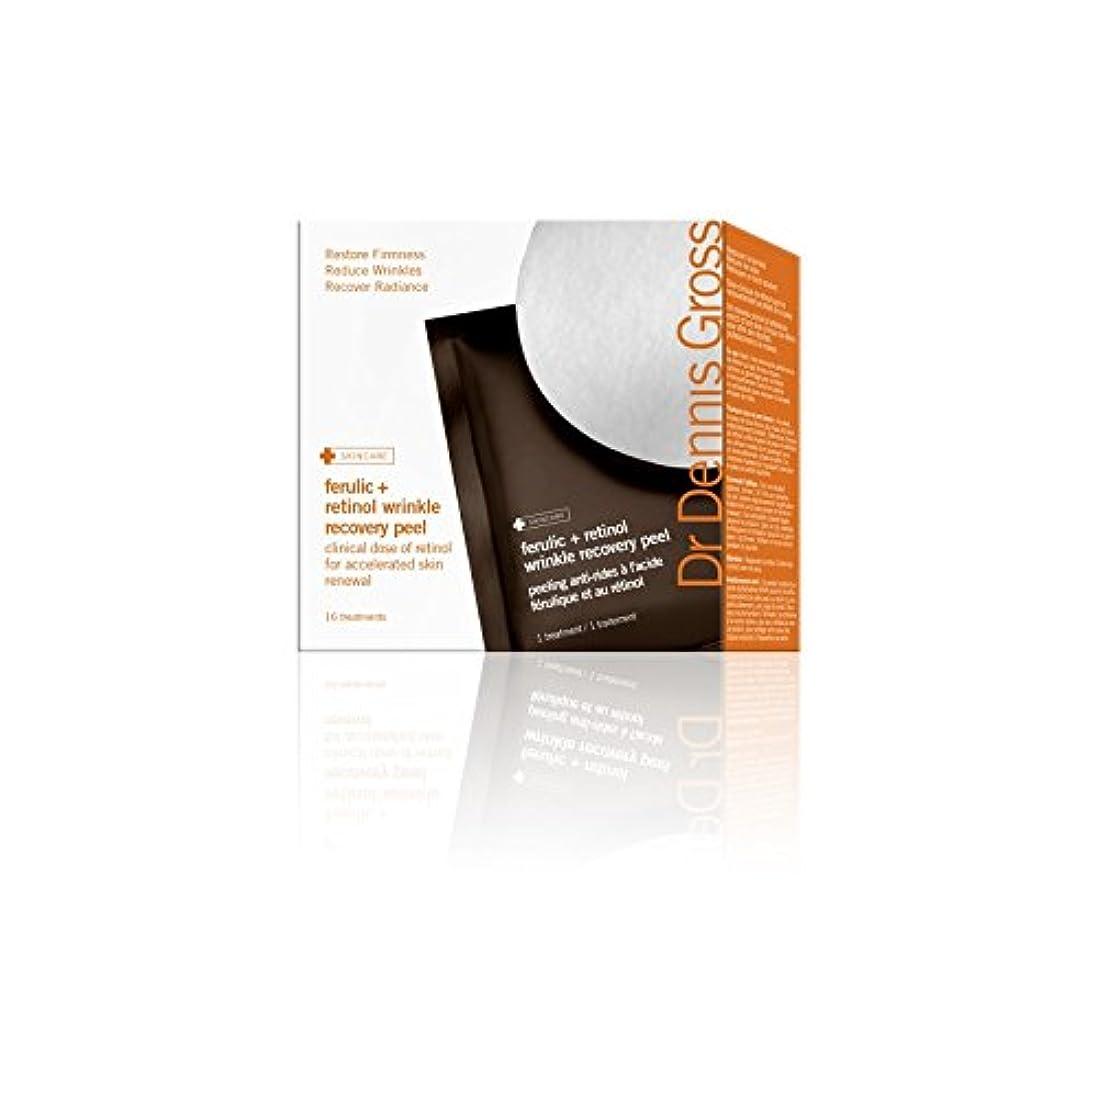 事務所コミット形容詞Dr Dennis Gross Ferulic And Retinol Wrinkle Recovery Peel (16 Pack) (Pack of 6) - デニース?グロスフェルラとレチノールしわ回復の皮(16パック) x6 [並行輸入品]